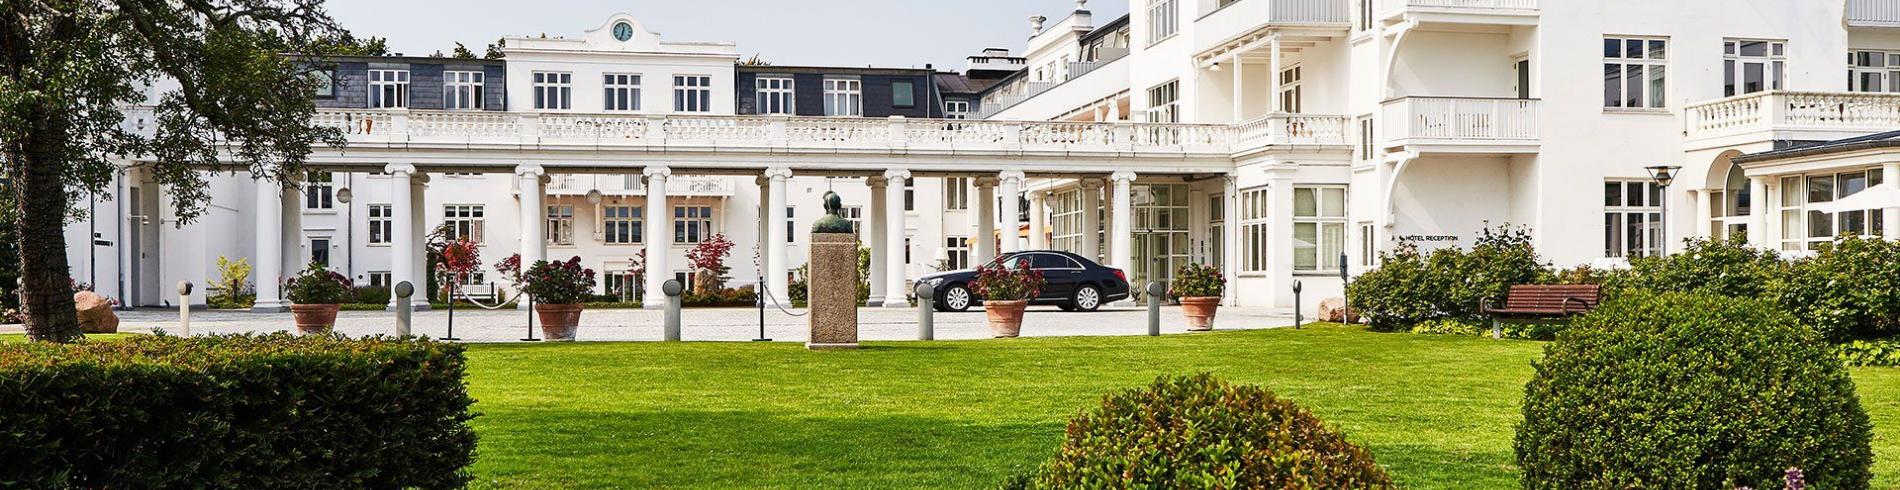 Kurhotel Skodsborg cover image